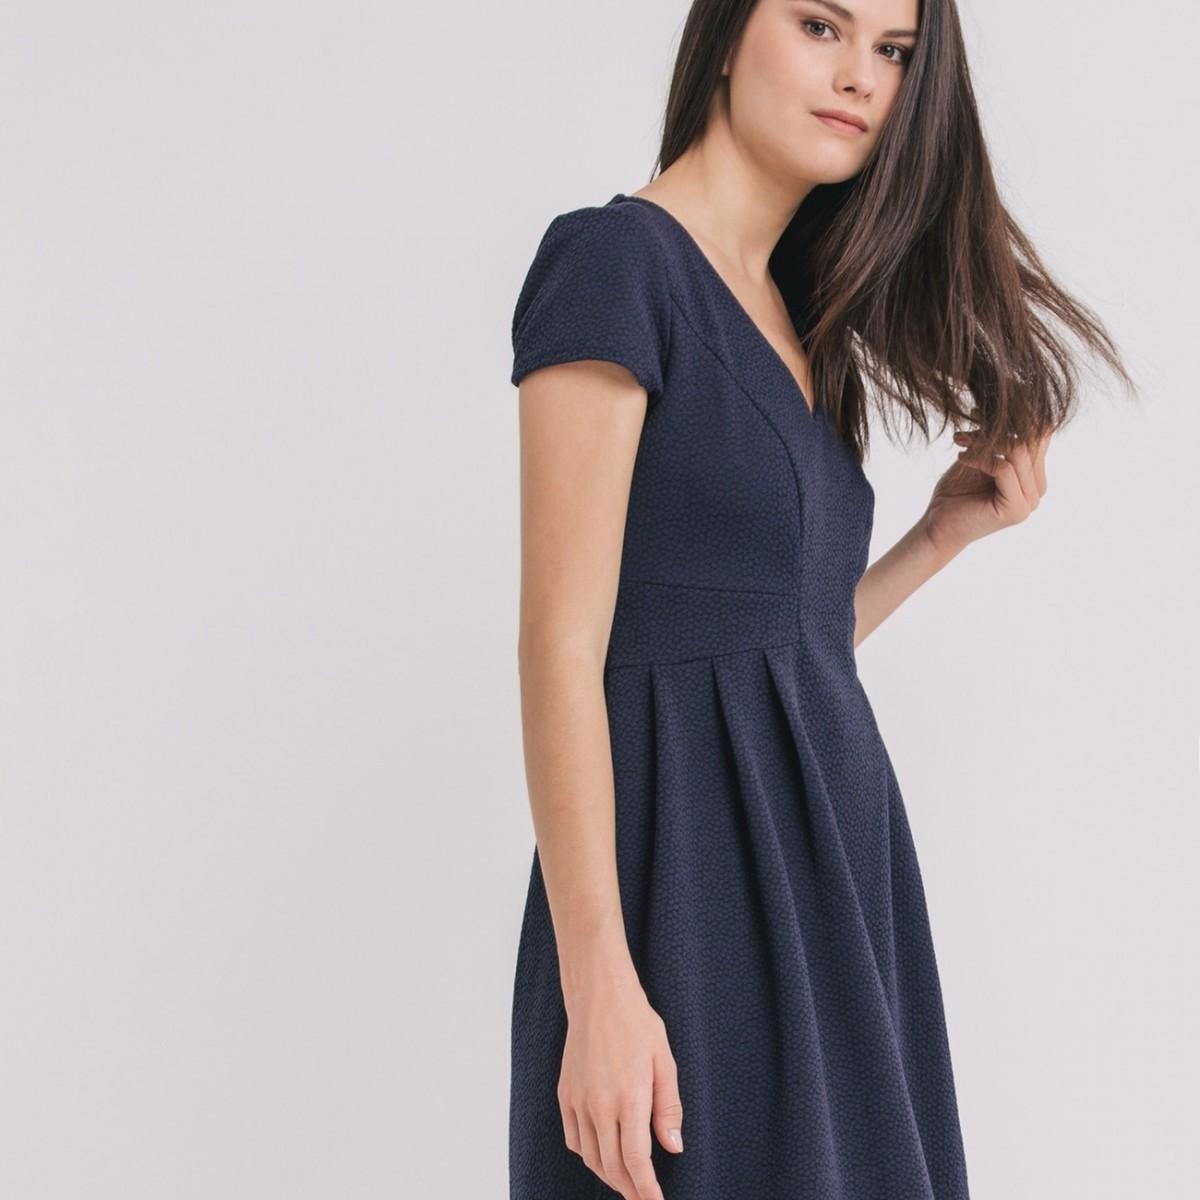 Le style qui vous va bien sur robe.pro